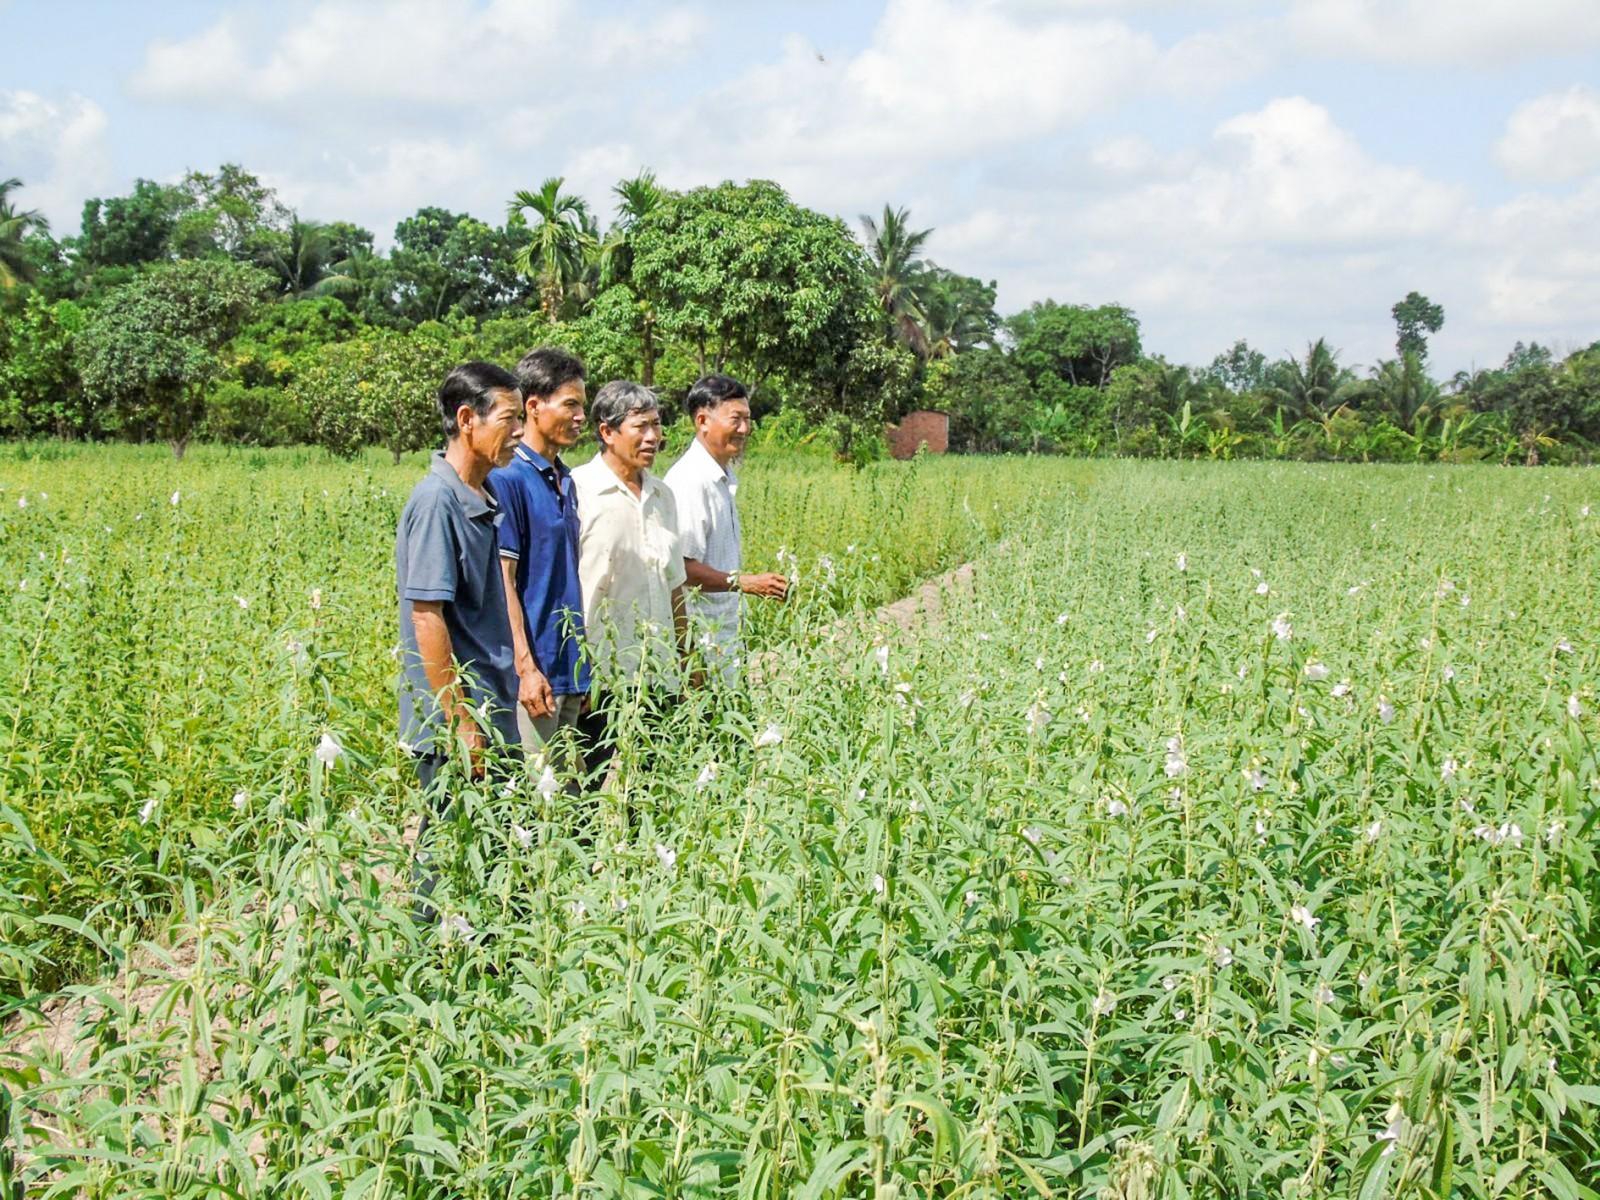 Nhiều hộ dân ở khu vực Thới Thuận chuyển đổi mô hình sản xuất mang lại hiệu quả kinh tế cao. Ảnh: THANH THY